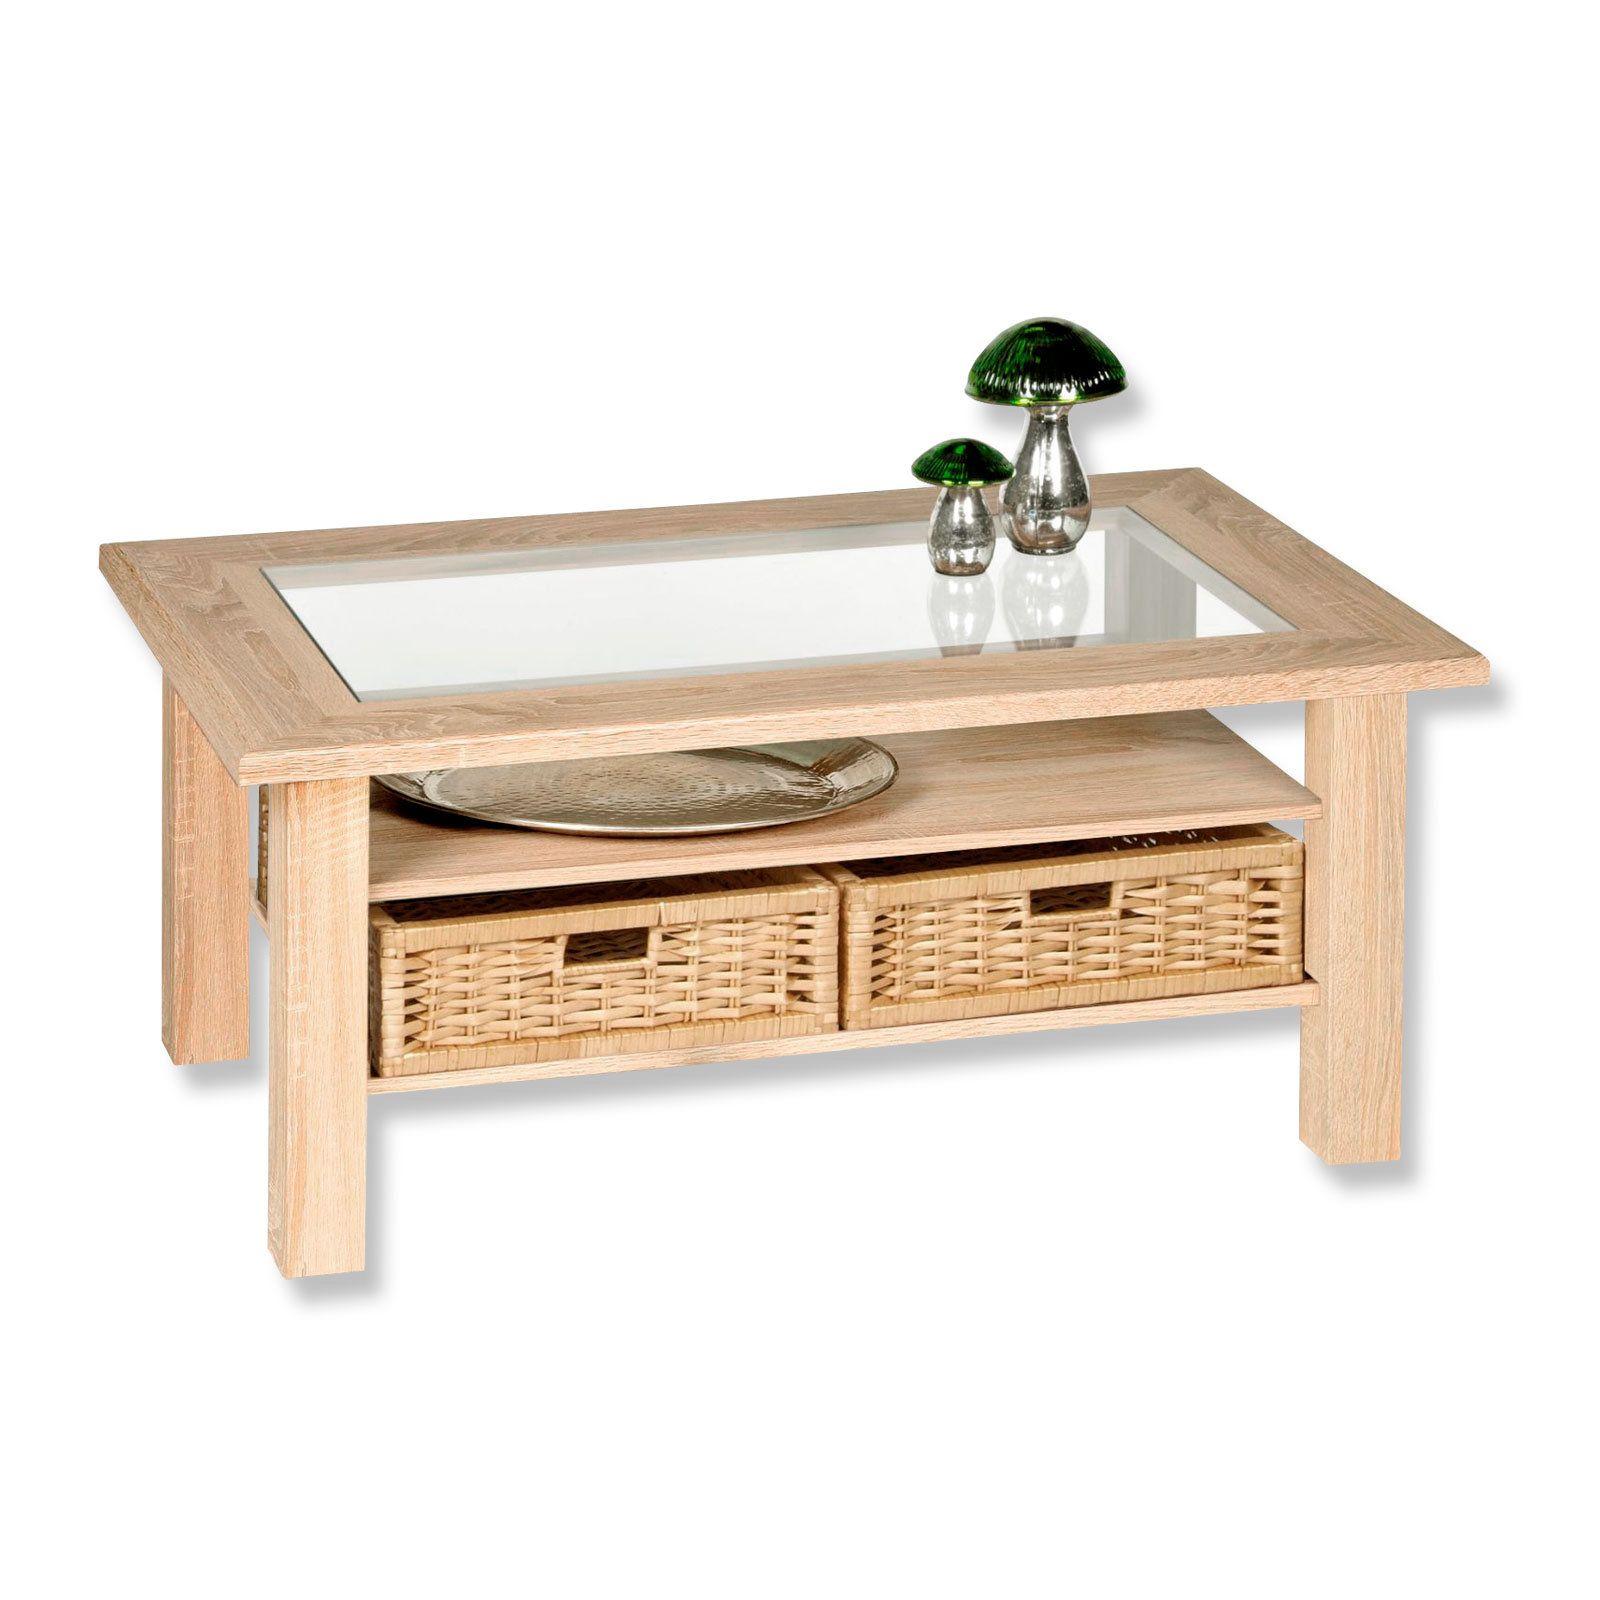 Couchtisch Steffi Sonoma Eiche Mit Glaseinlage Couchtische Tische Wohnzimmer Wohnbereiche Couchtisch Sonoma Eiche Roller Couchtisch